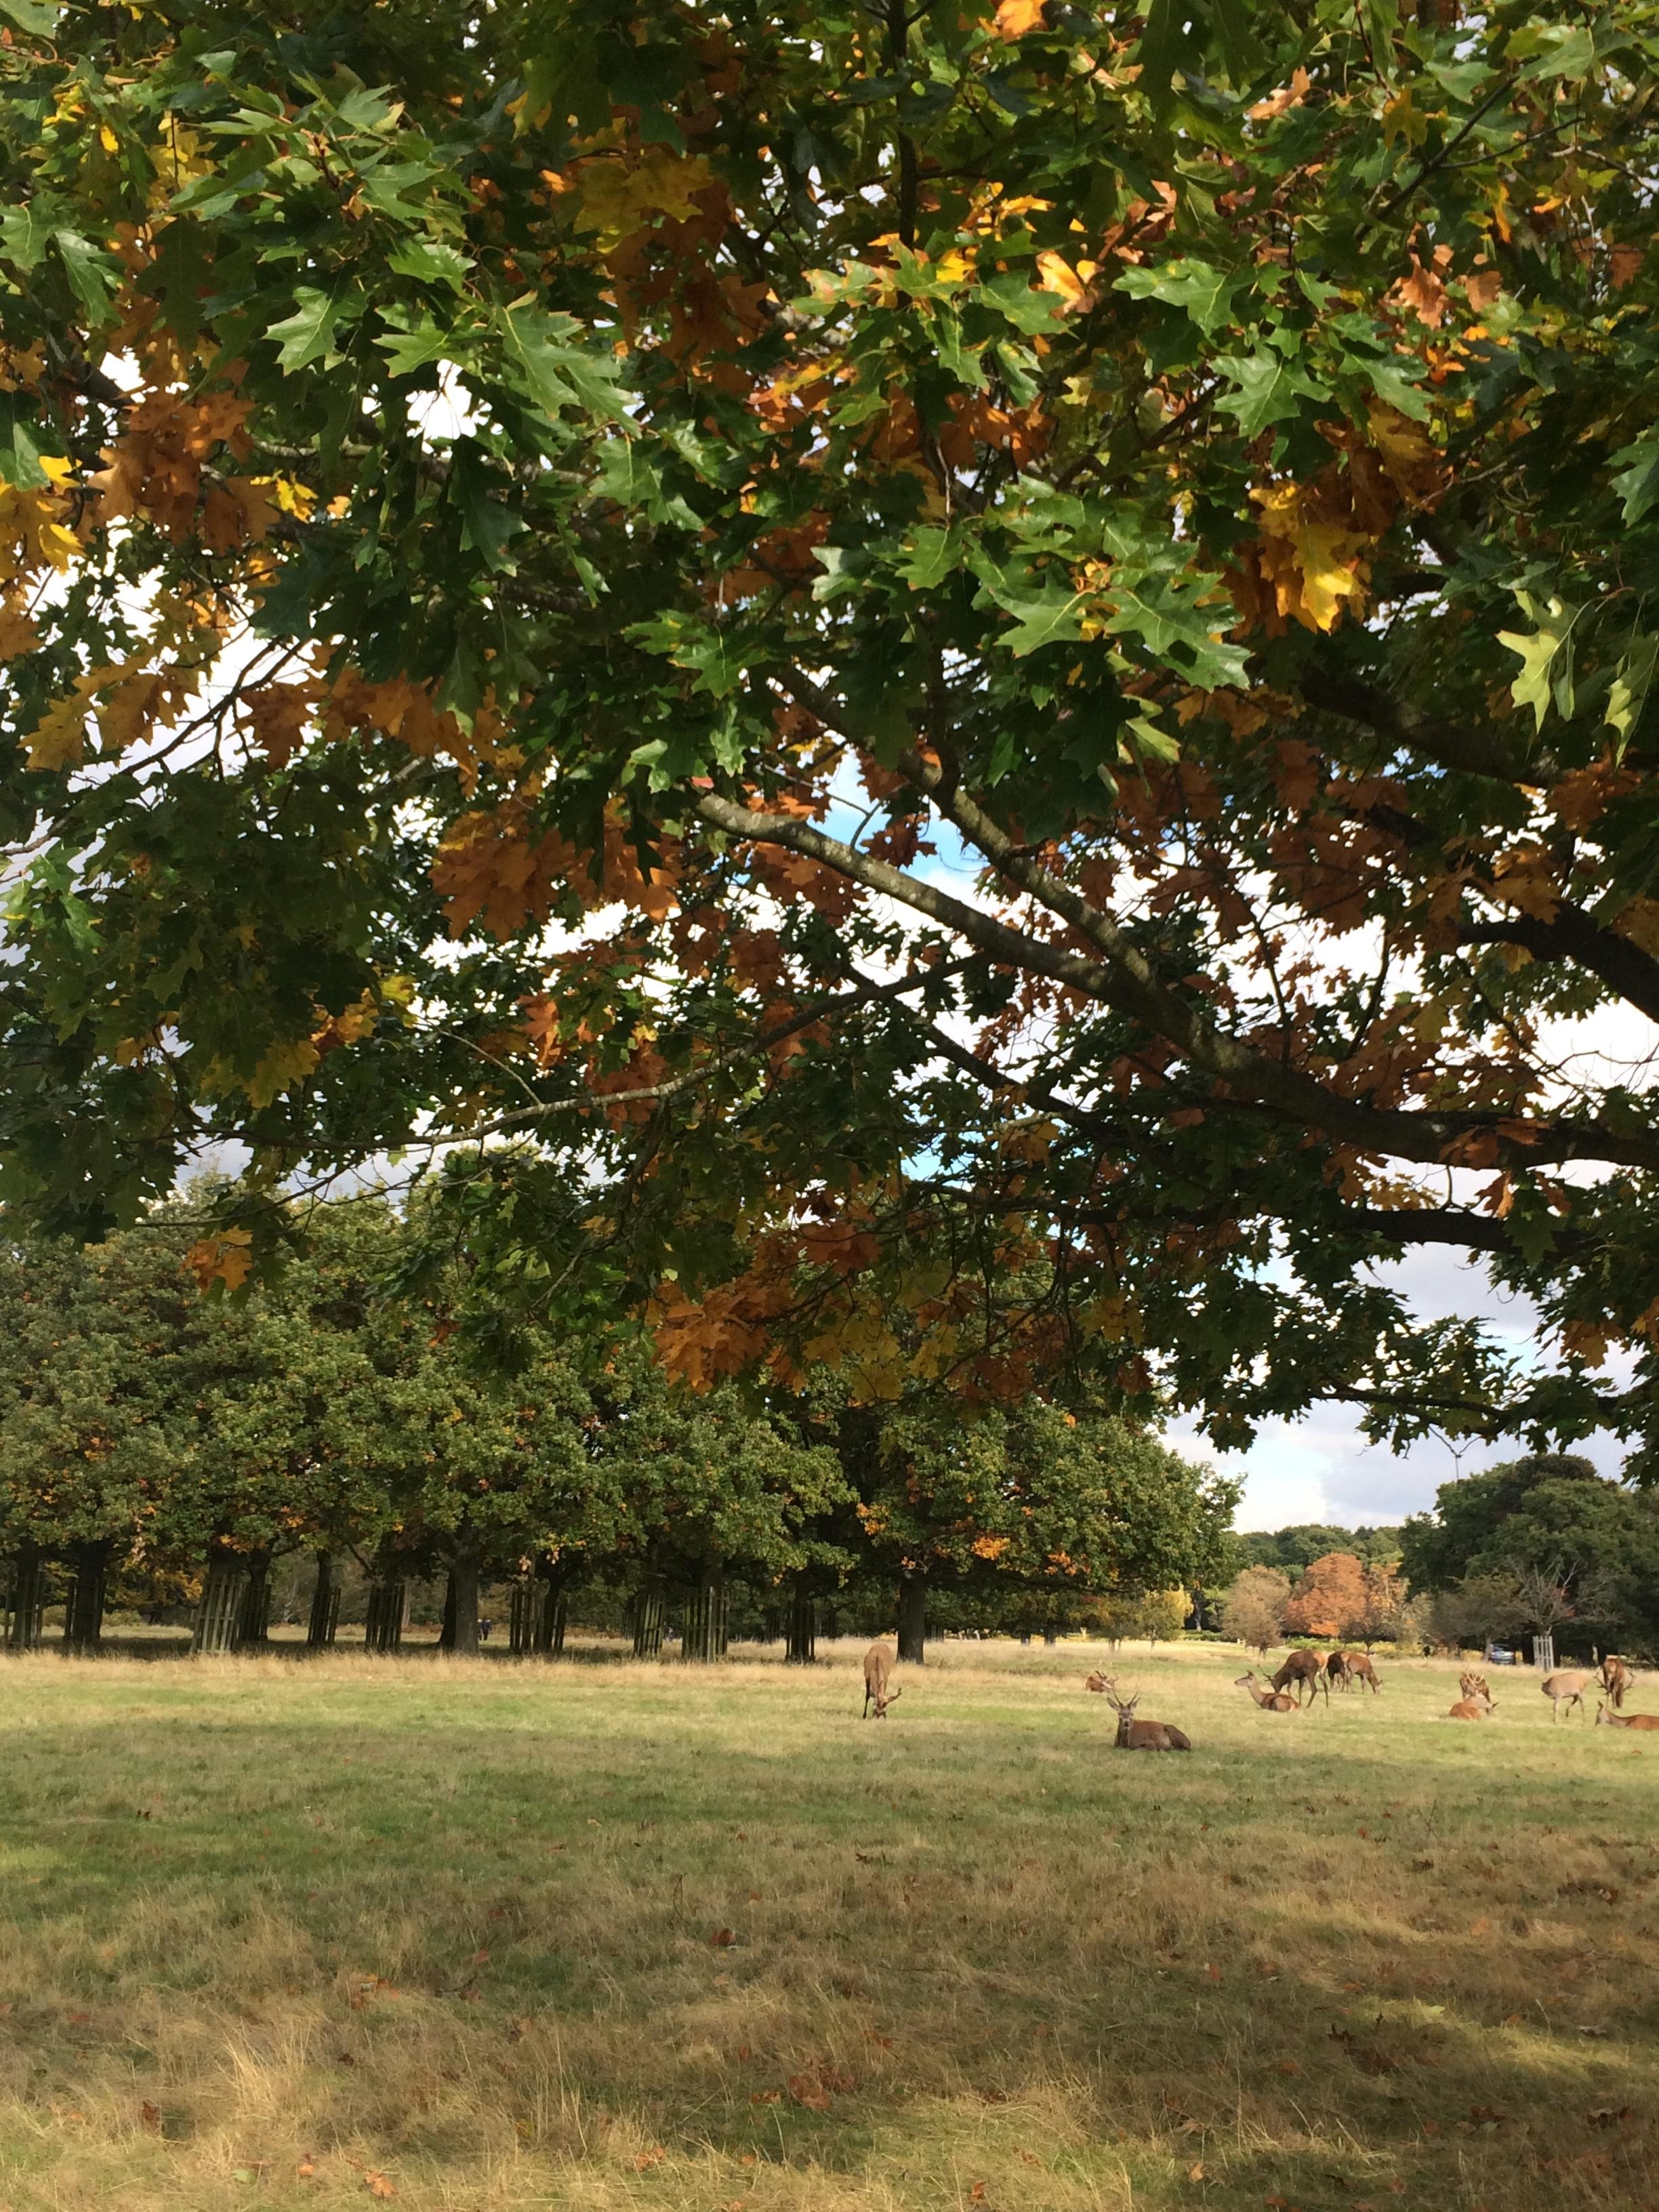 richmond-park-london-deer